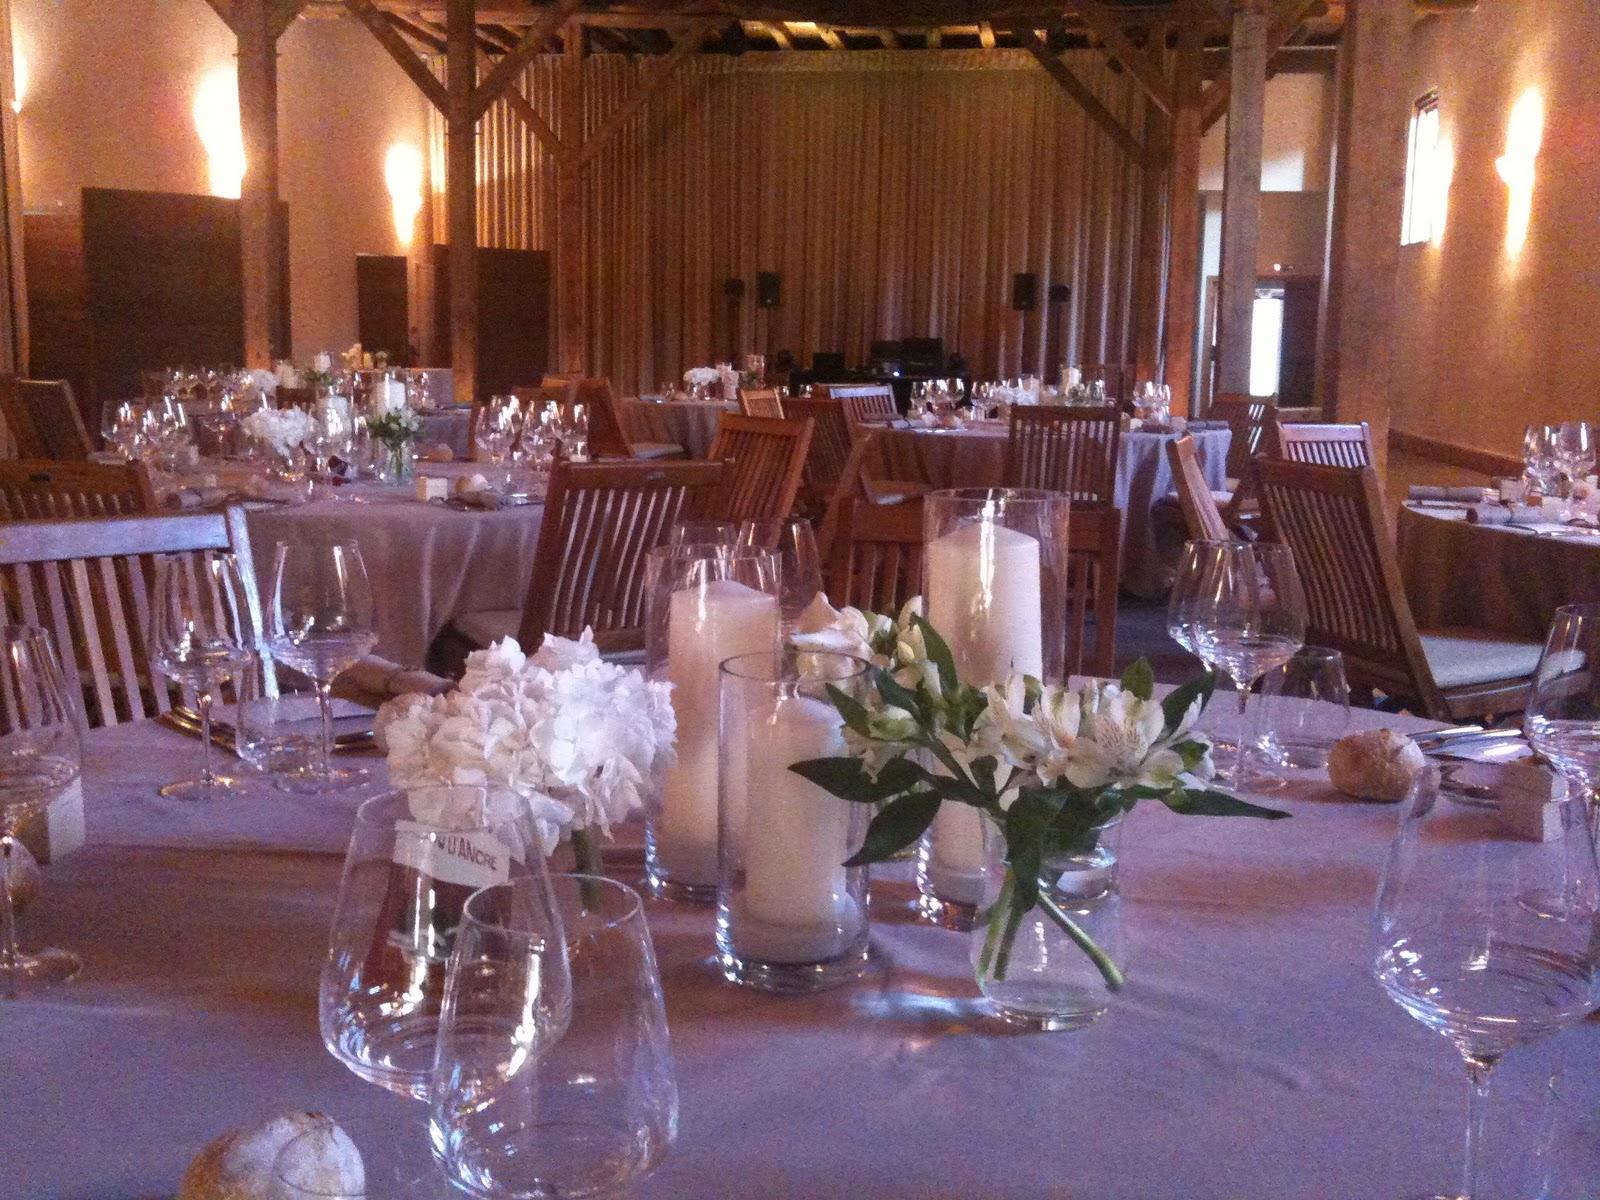 mariage pascale et olivier chteau de pizay - Chateau De Pizay Mariage